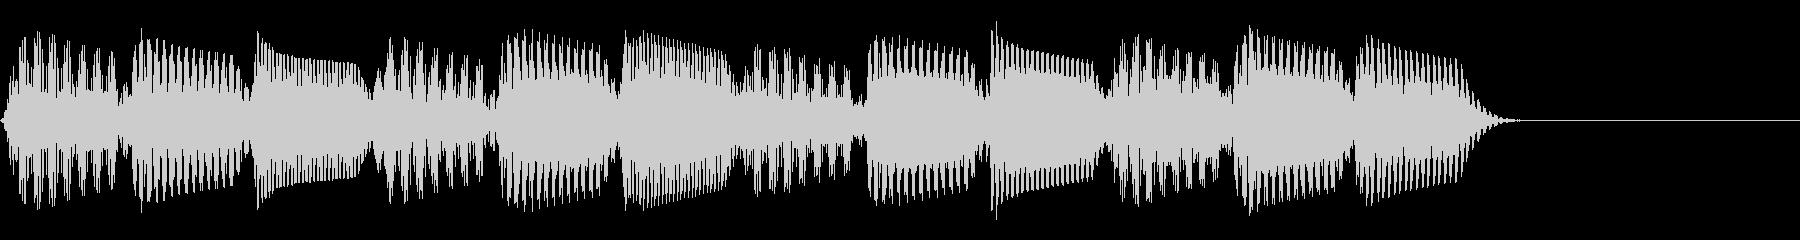 レトロでかっこいいテクノな効果音/シンセの未再生の波形